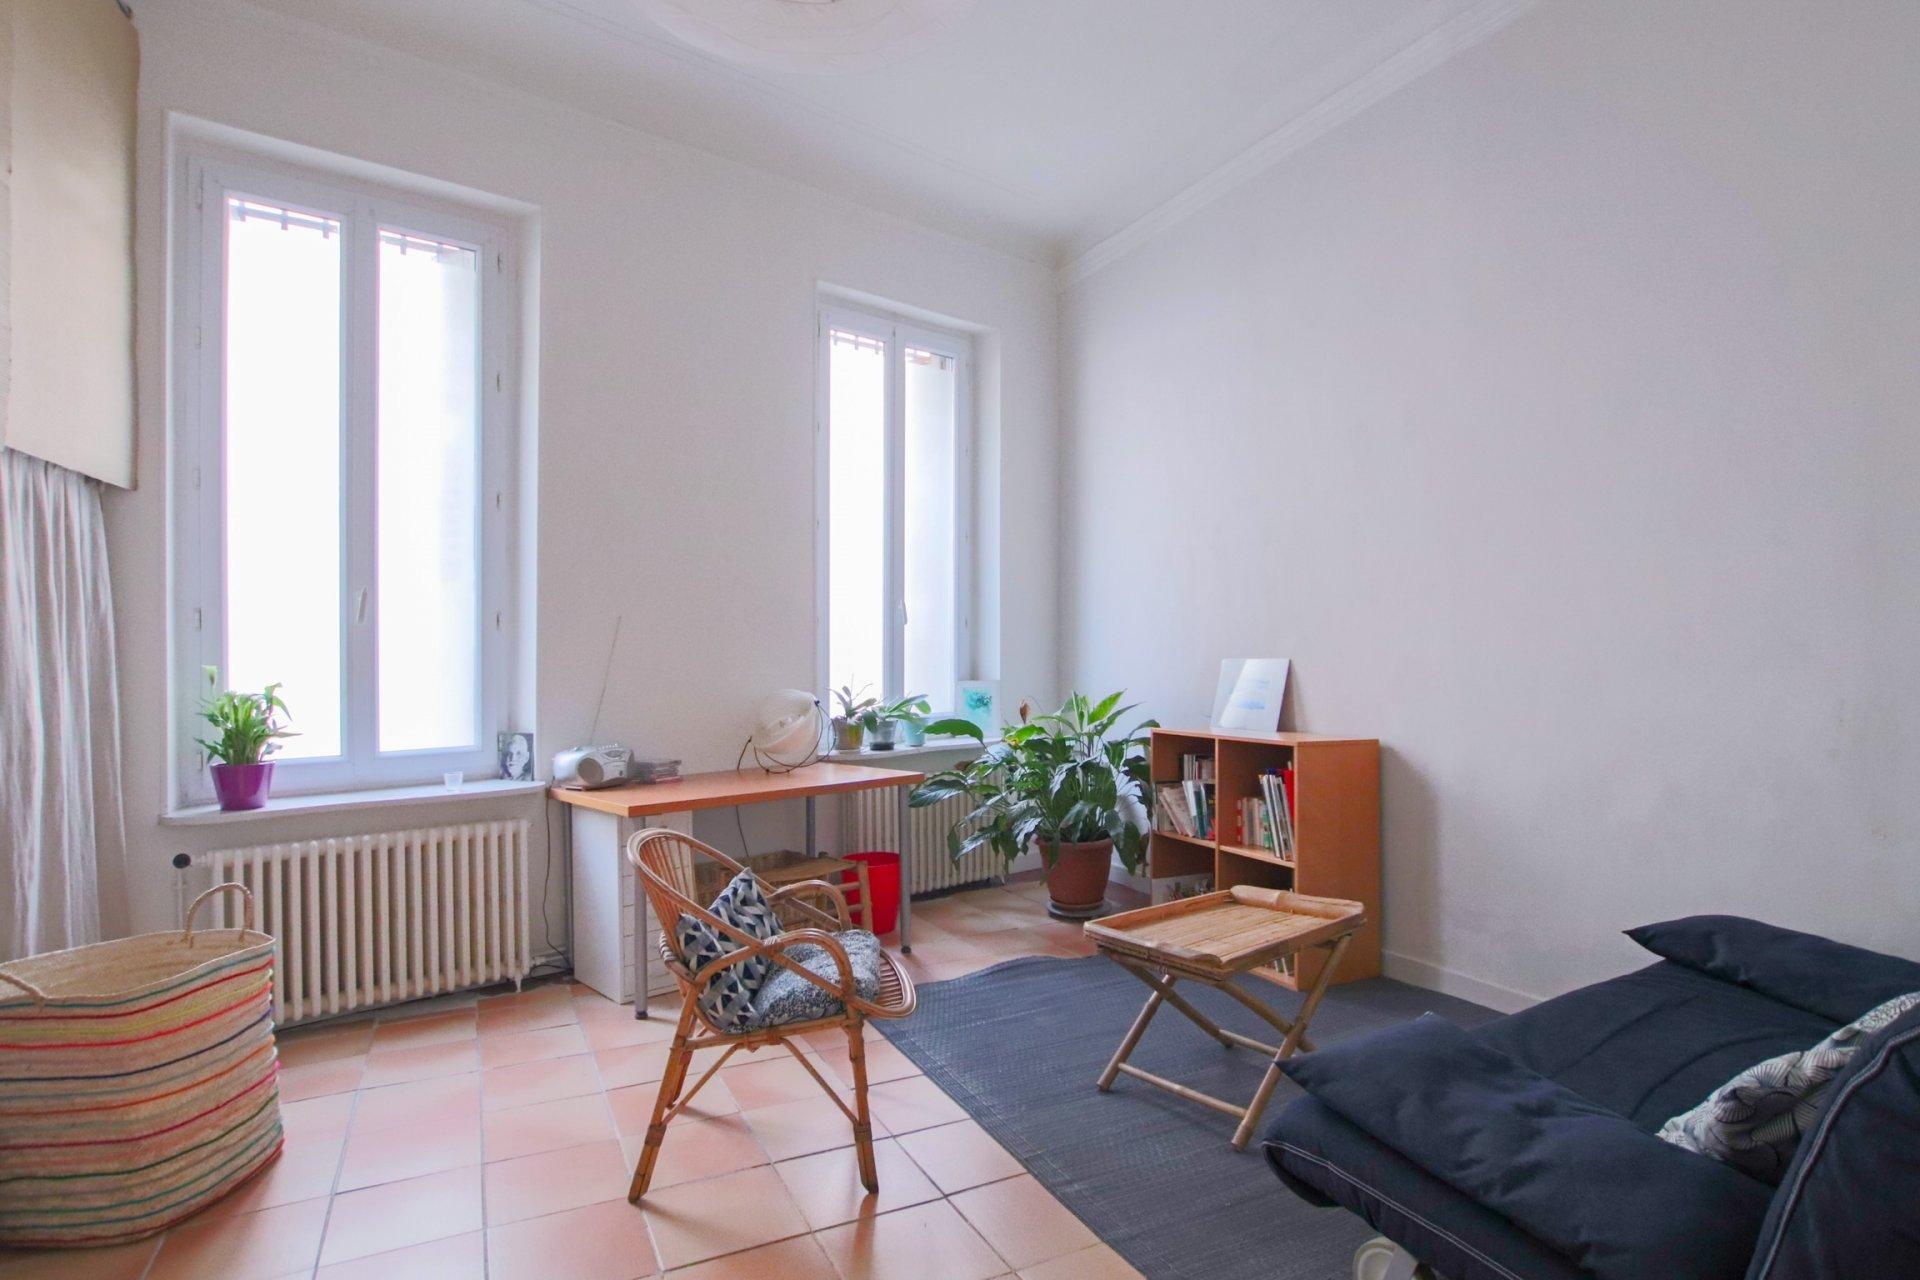 SOUS OFFRE - LODI - T3 de 64m² situé en rez-de-jardin avec terrasse de 28m² et maisons en fonds de cour